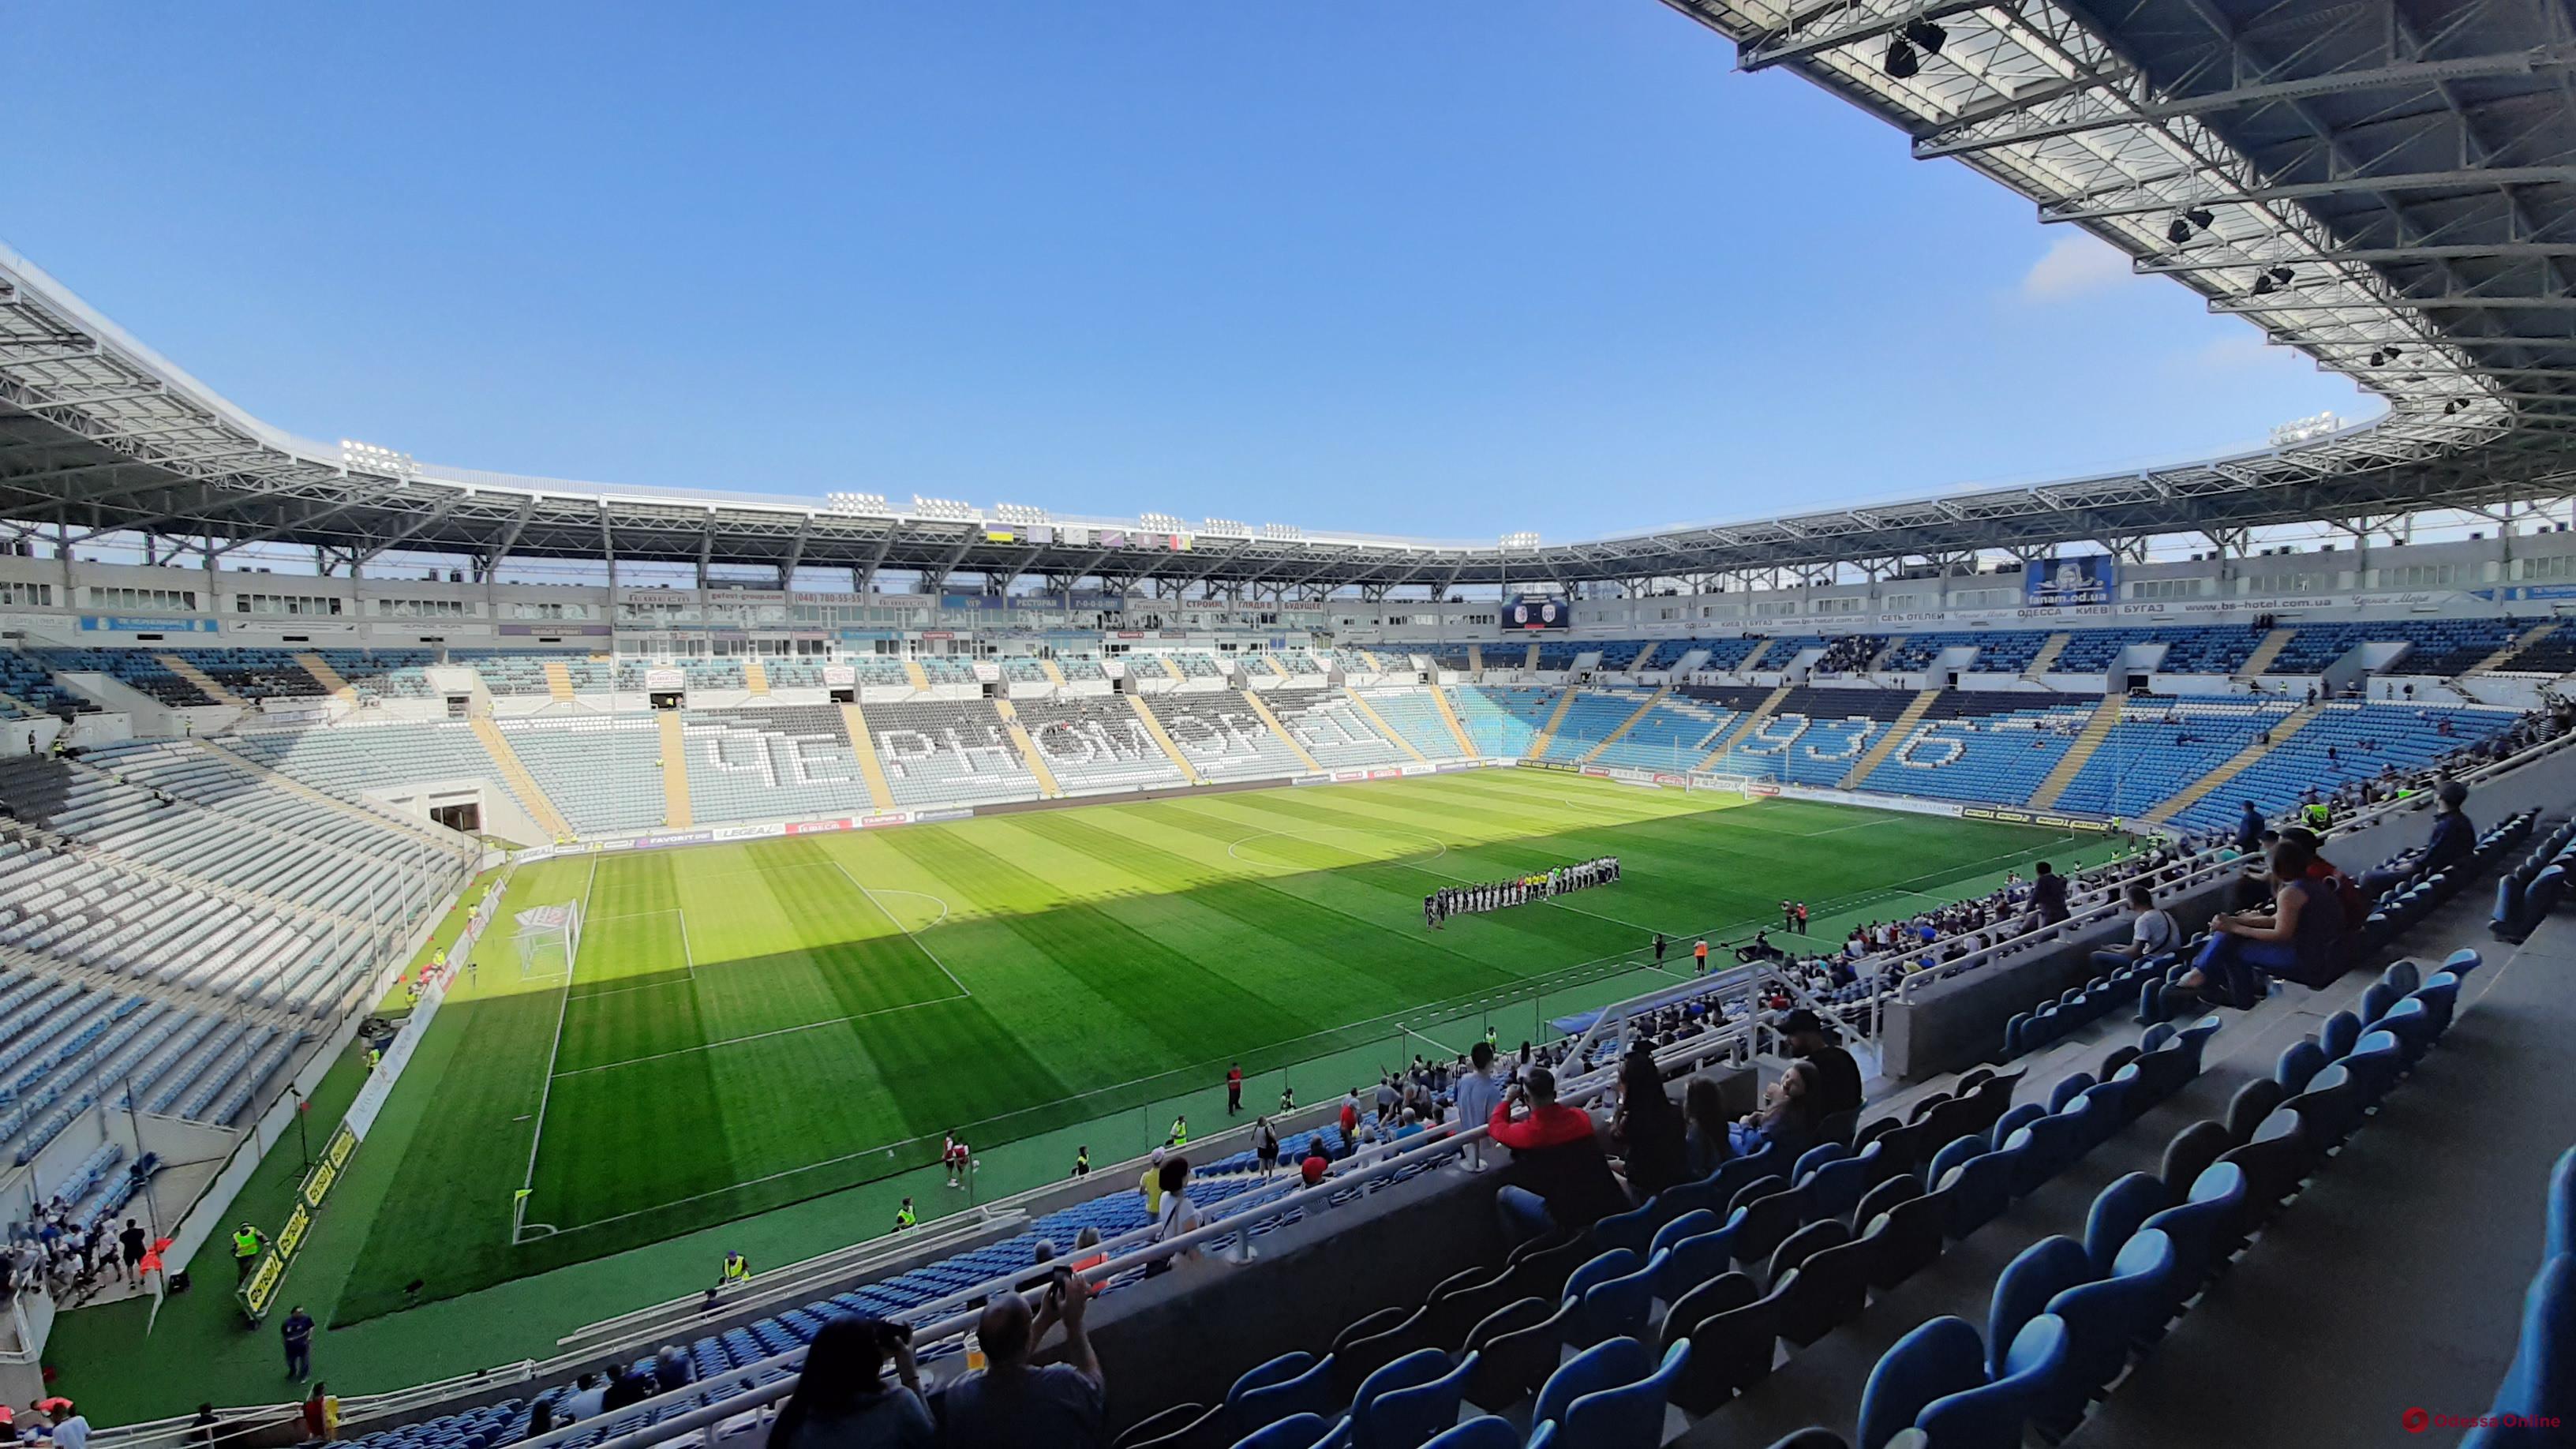 Суперкубок Украины в Одессе: цены на билеты и обязательные документы